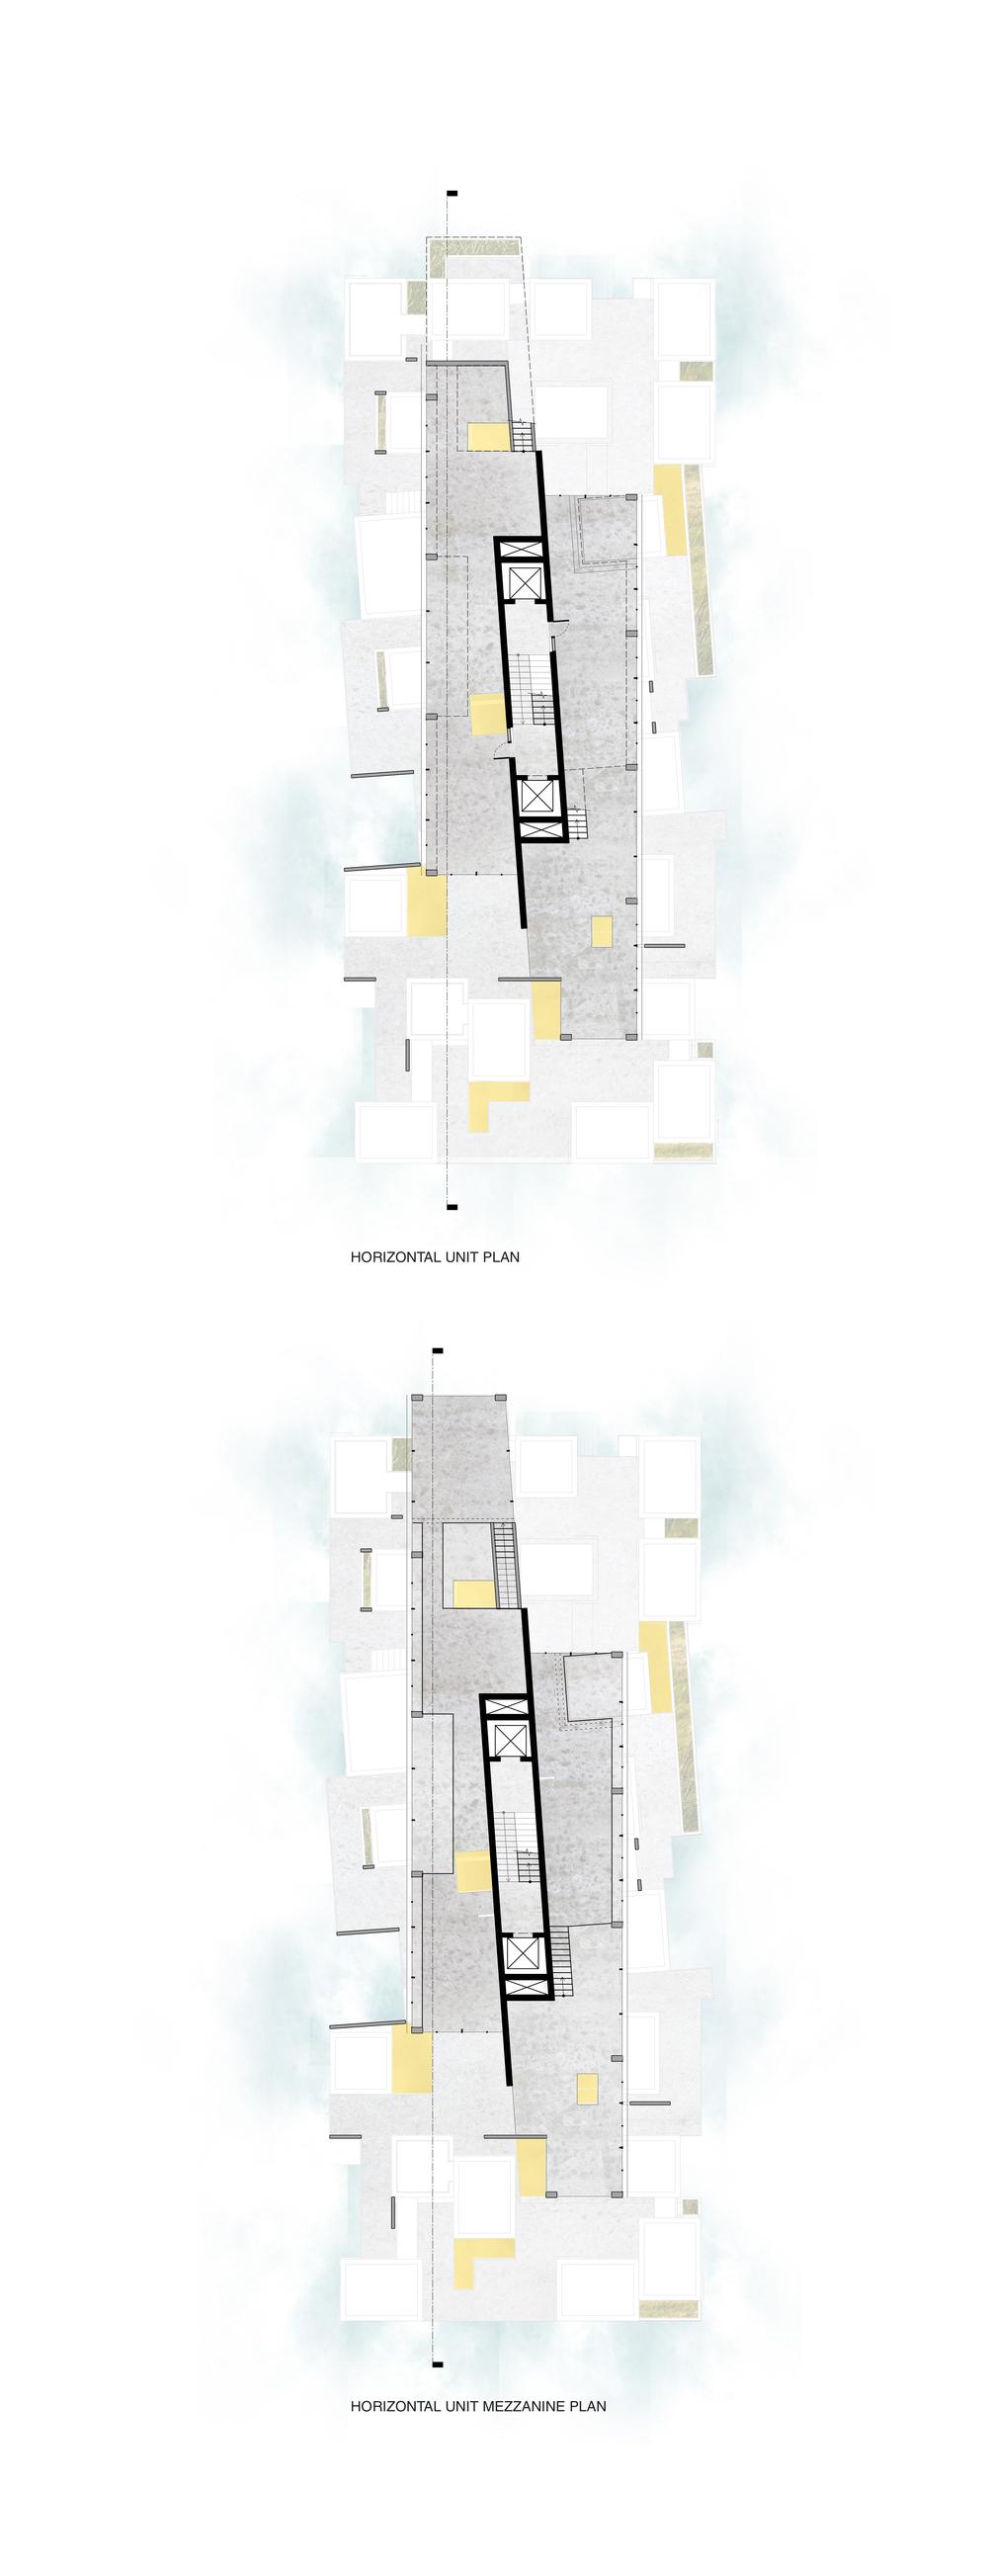 A46 512 07_Ruy_Taurasi_FL14_07_Glitched Floor Plans_3.jpg